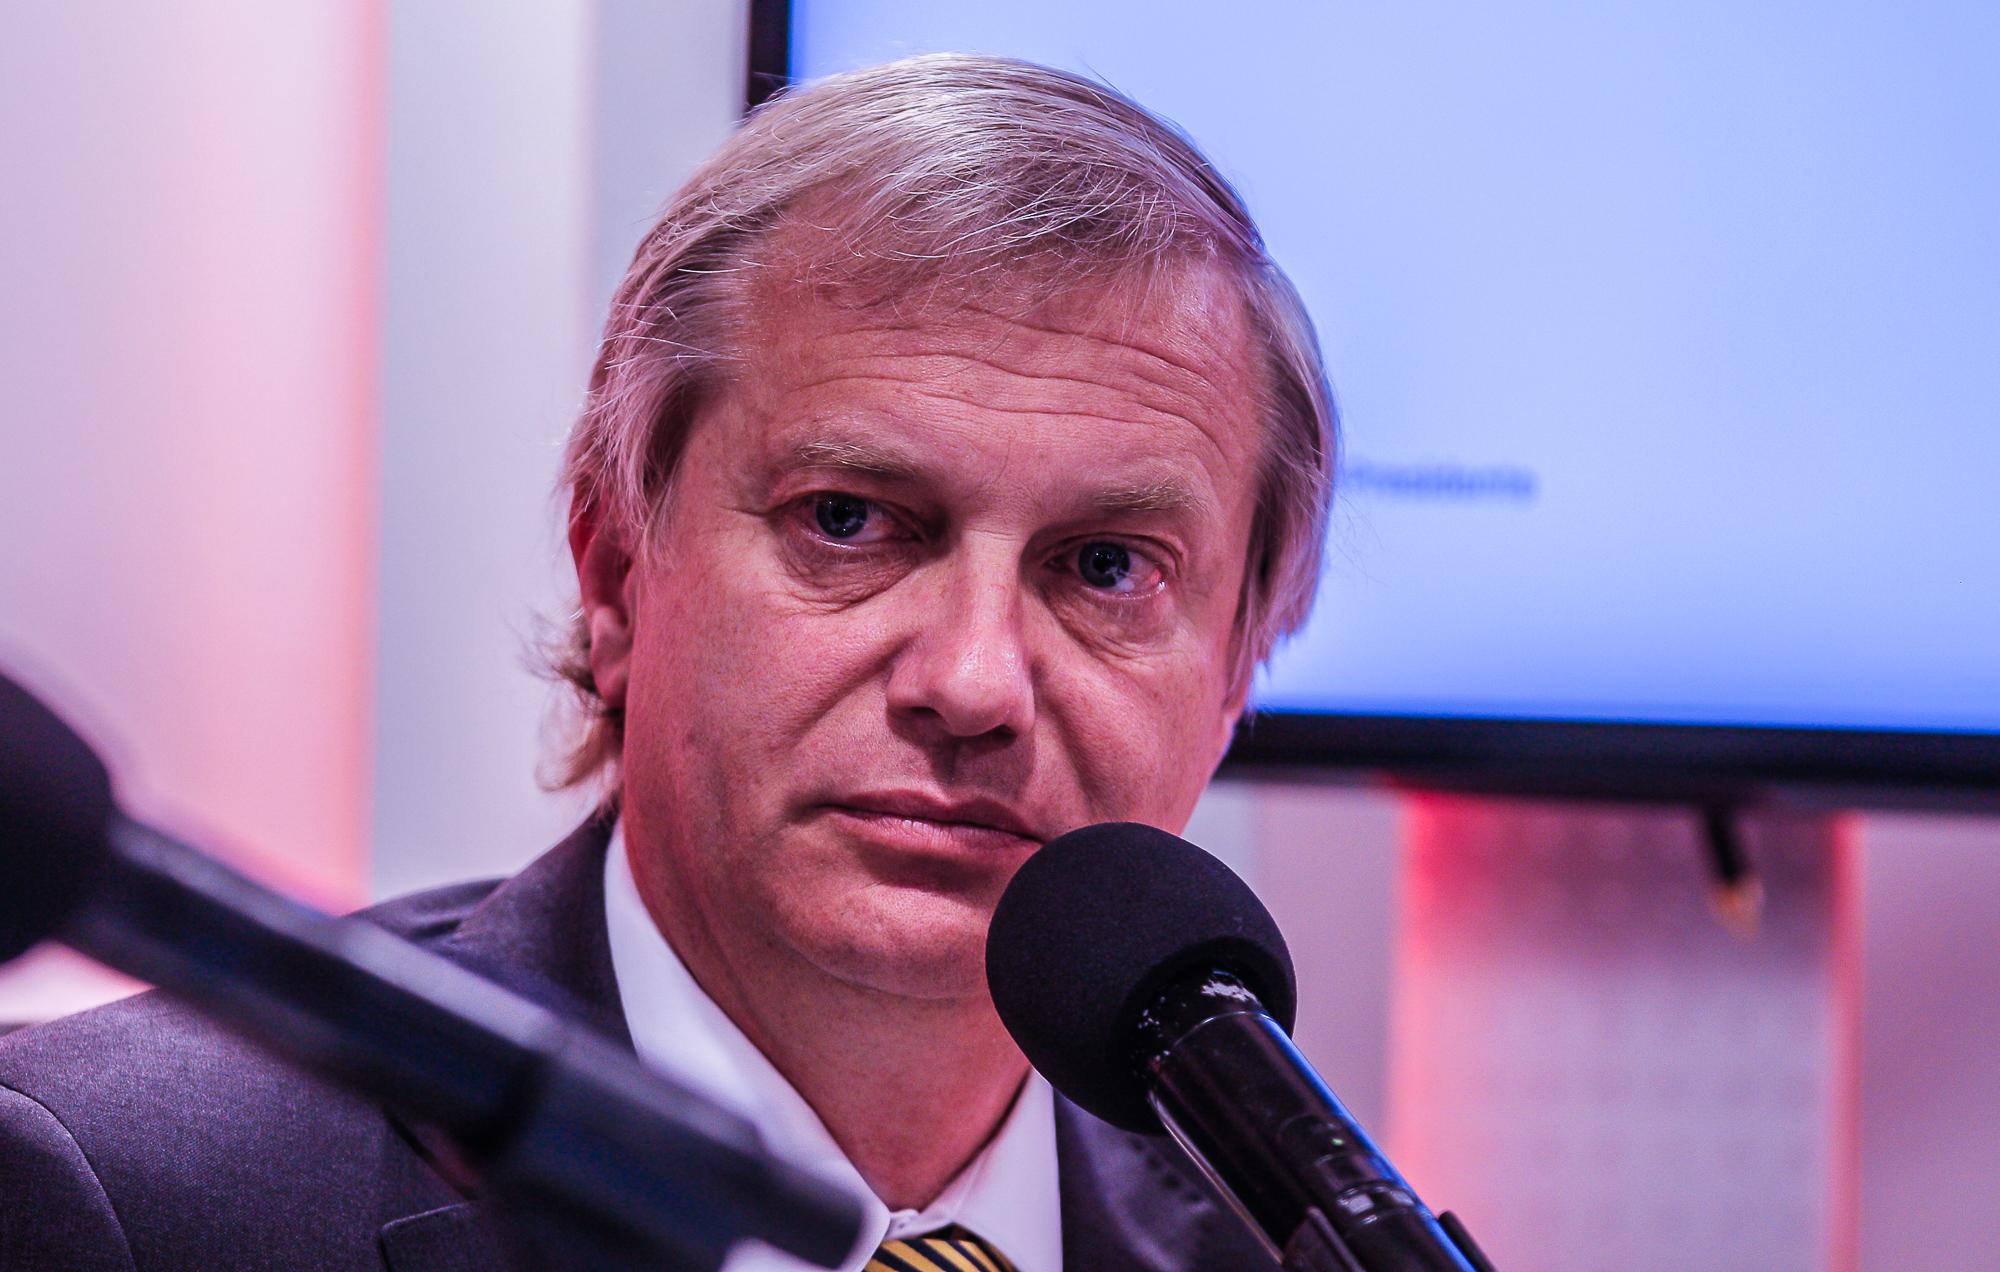 Candidato presidencial José Antonio Kast al comando de Piñera: